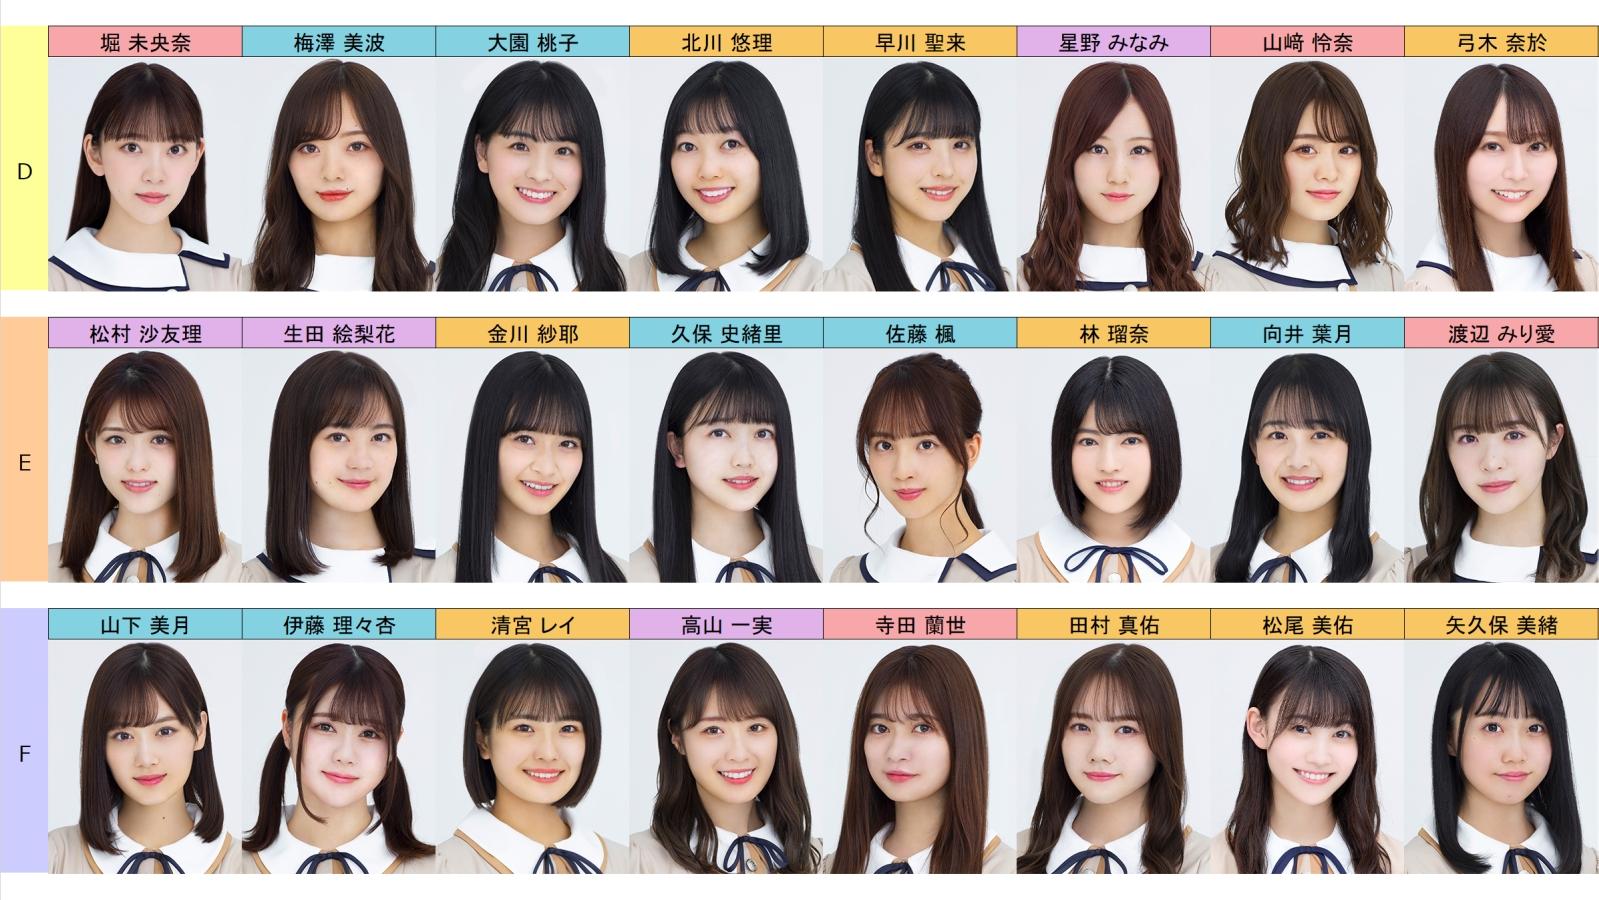 第2回「乃木恋大合戦」D~Fチーム